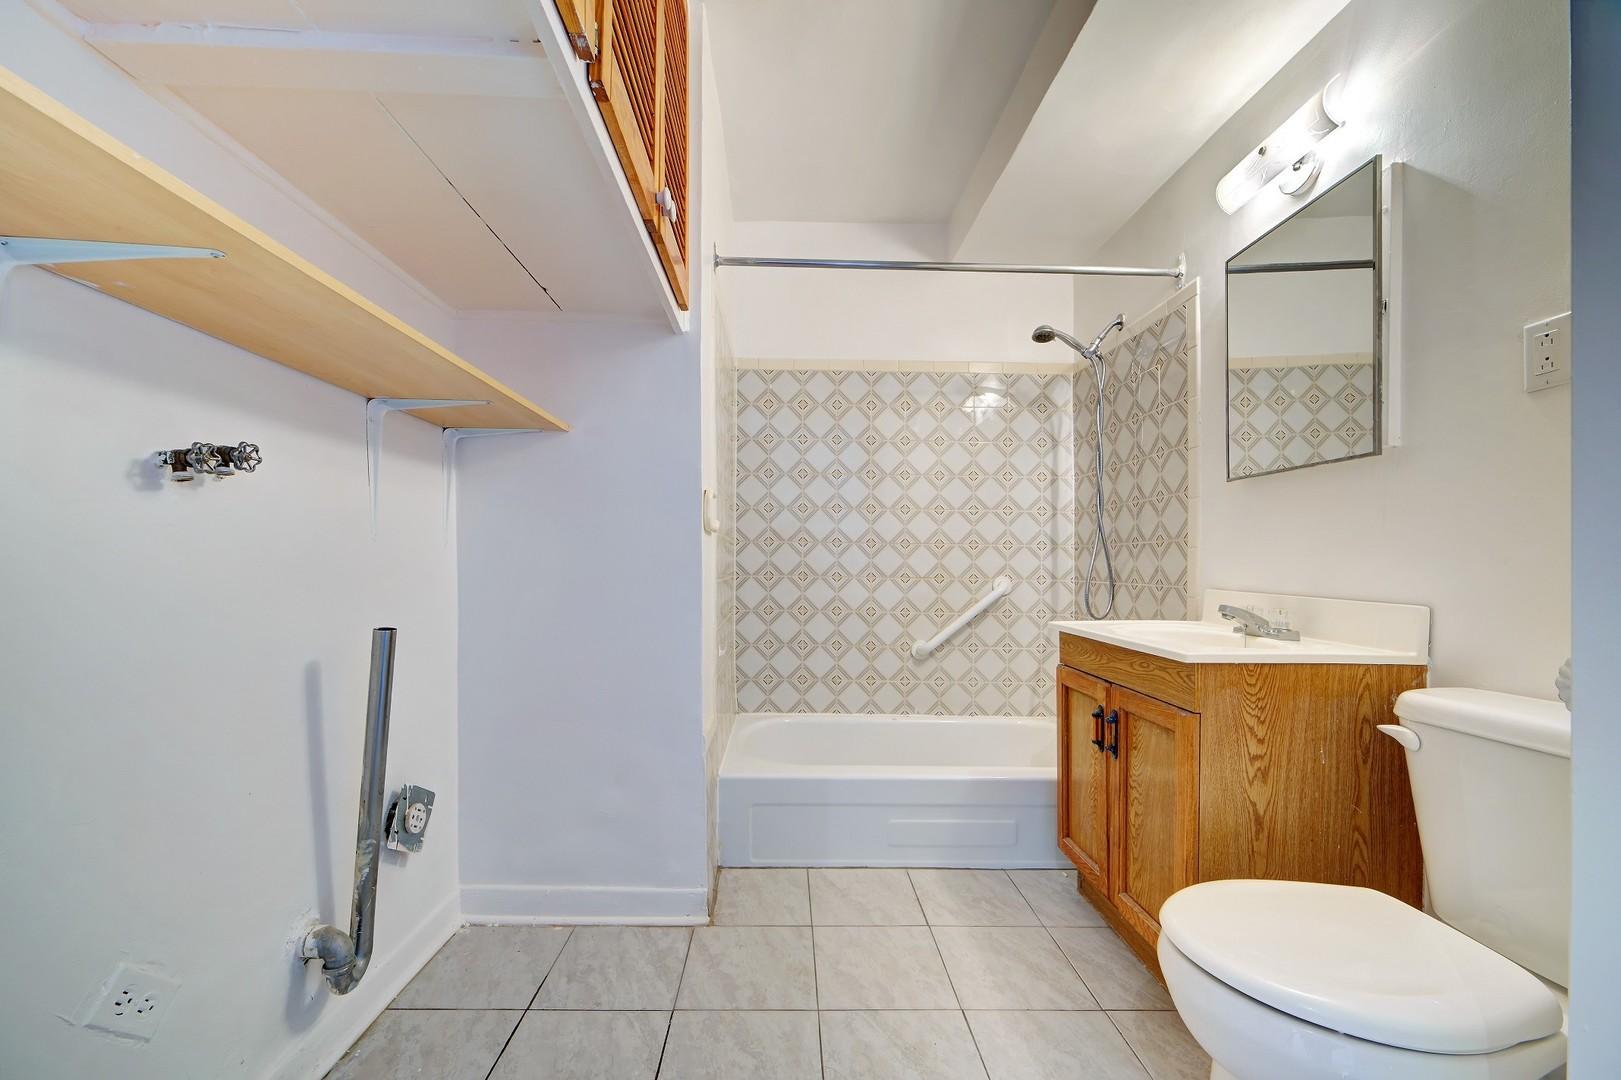 image 5 - Apartment - For rent - Montréal  (Mercier) - 4 rooms